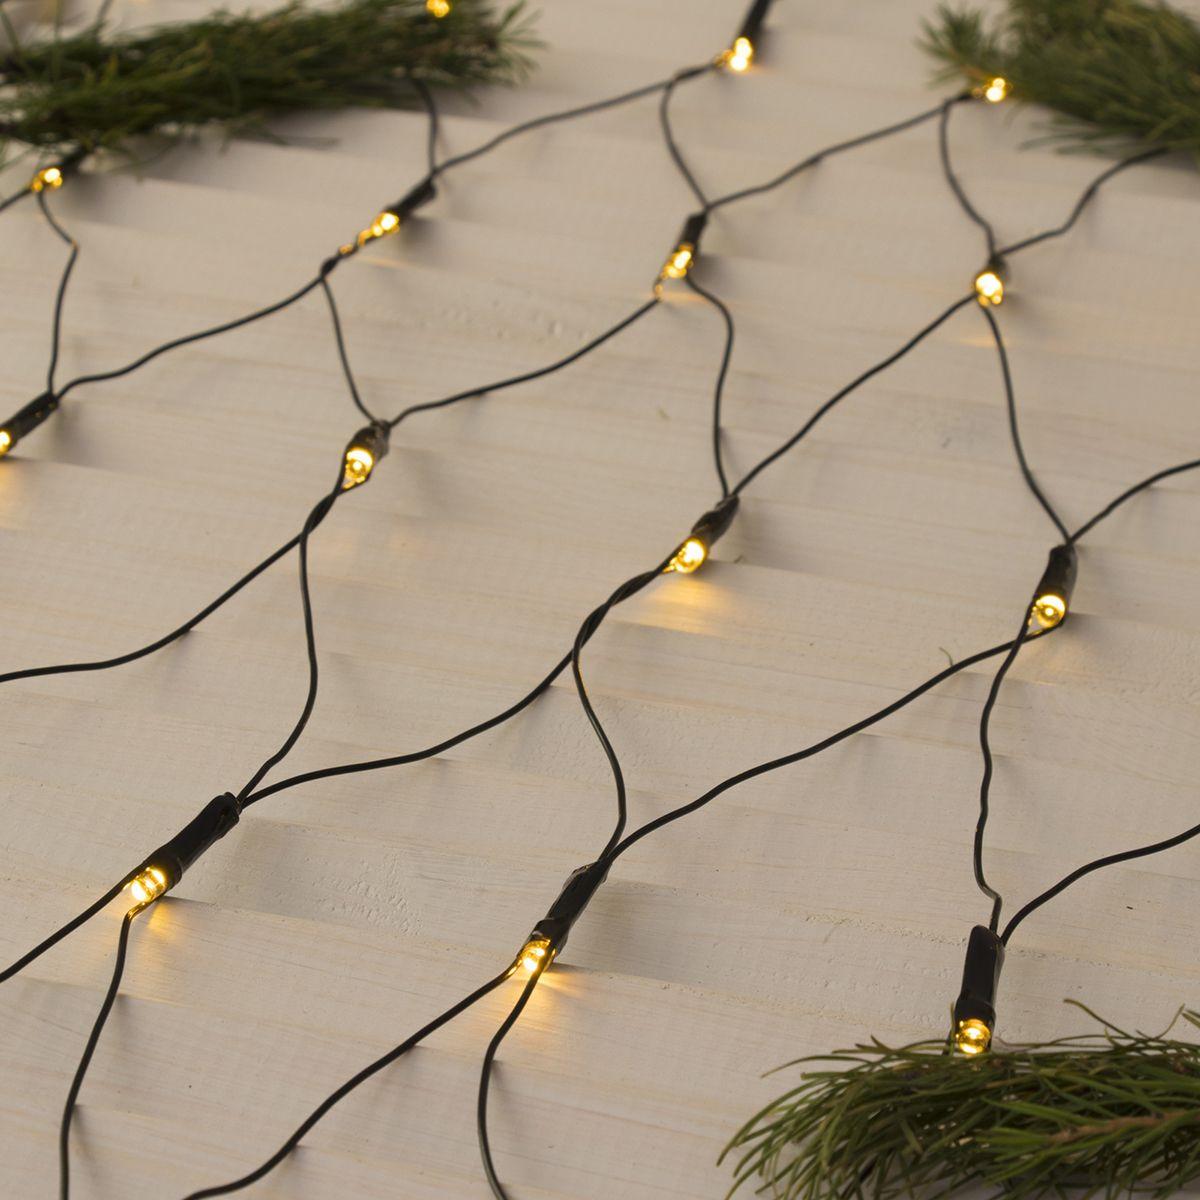 цена на Гирлянда электрическая Luazon Lighting Сеть, нить темная, цвет: теплый белый, 224 LED, 220 V, 8 режимов, 2 х 2 м